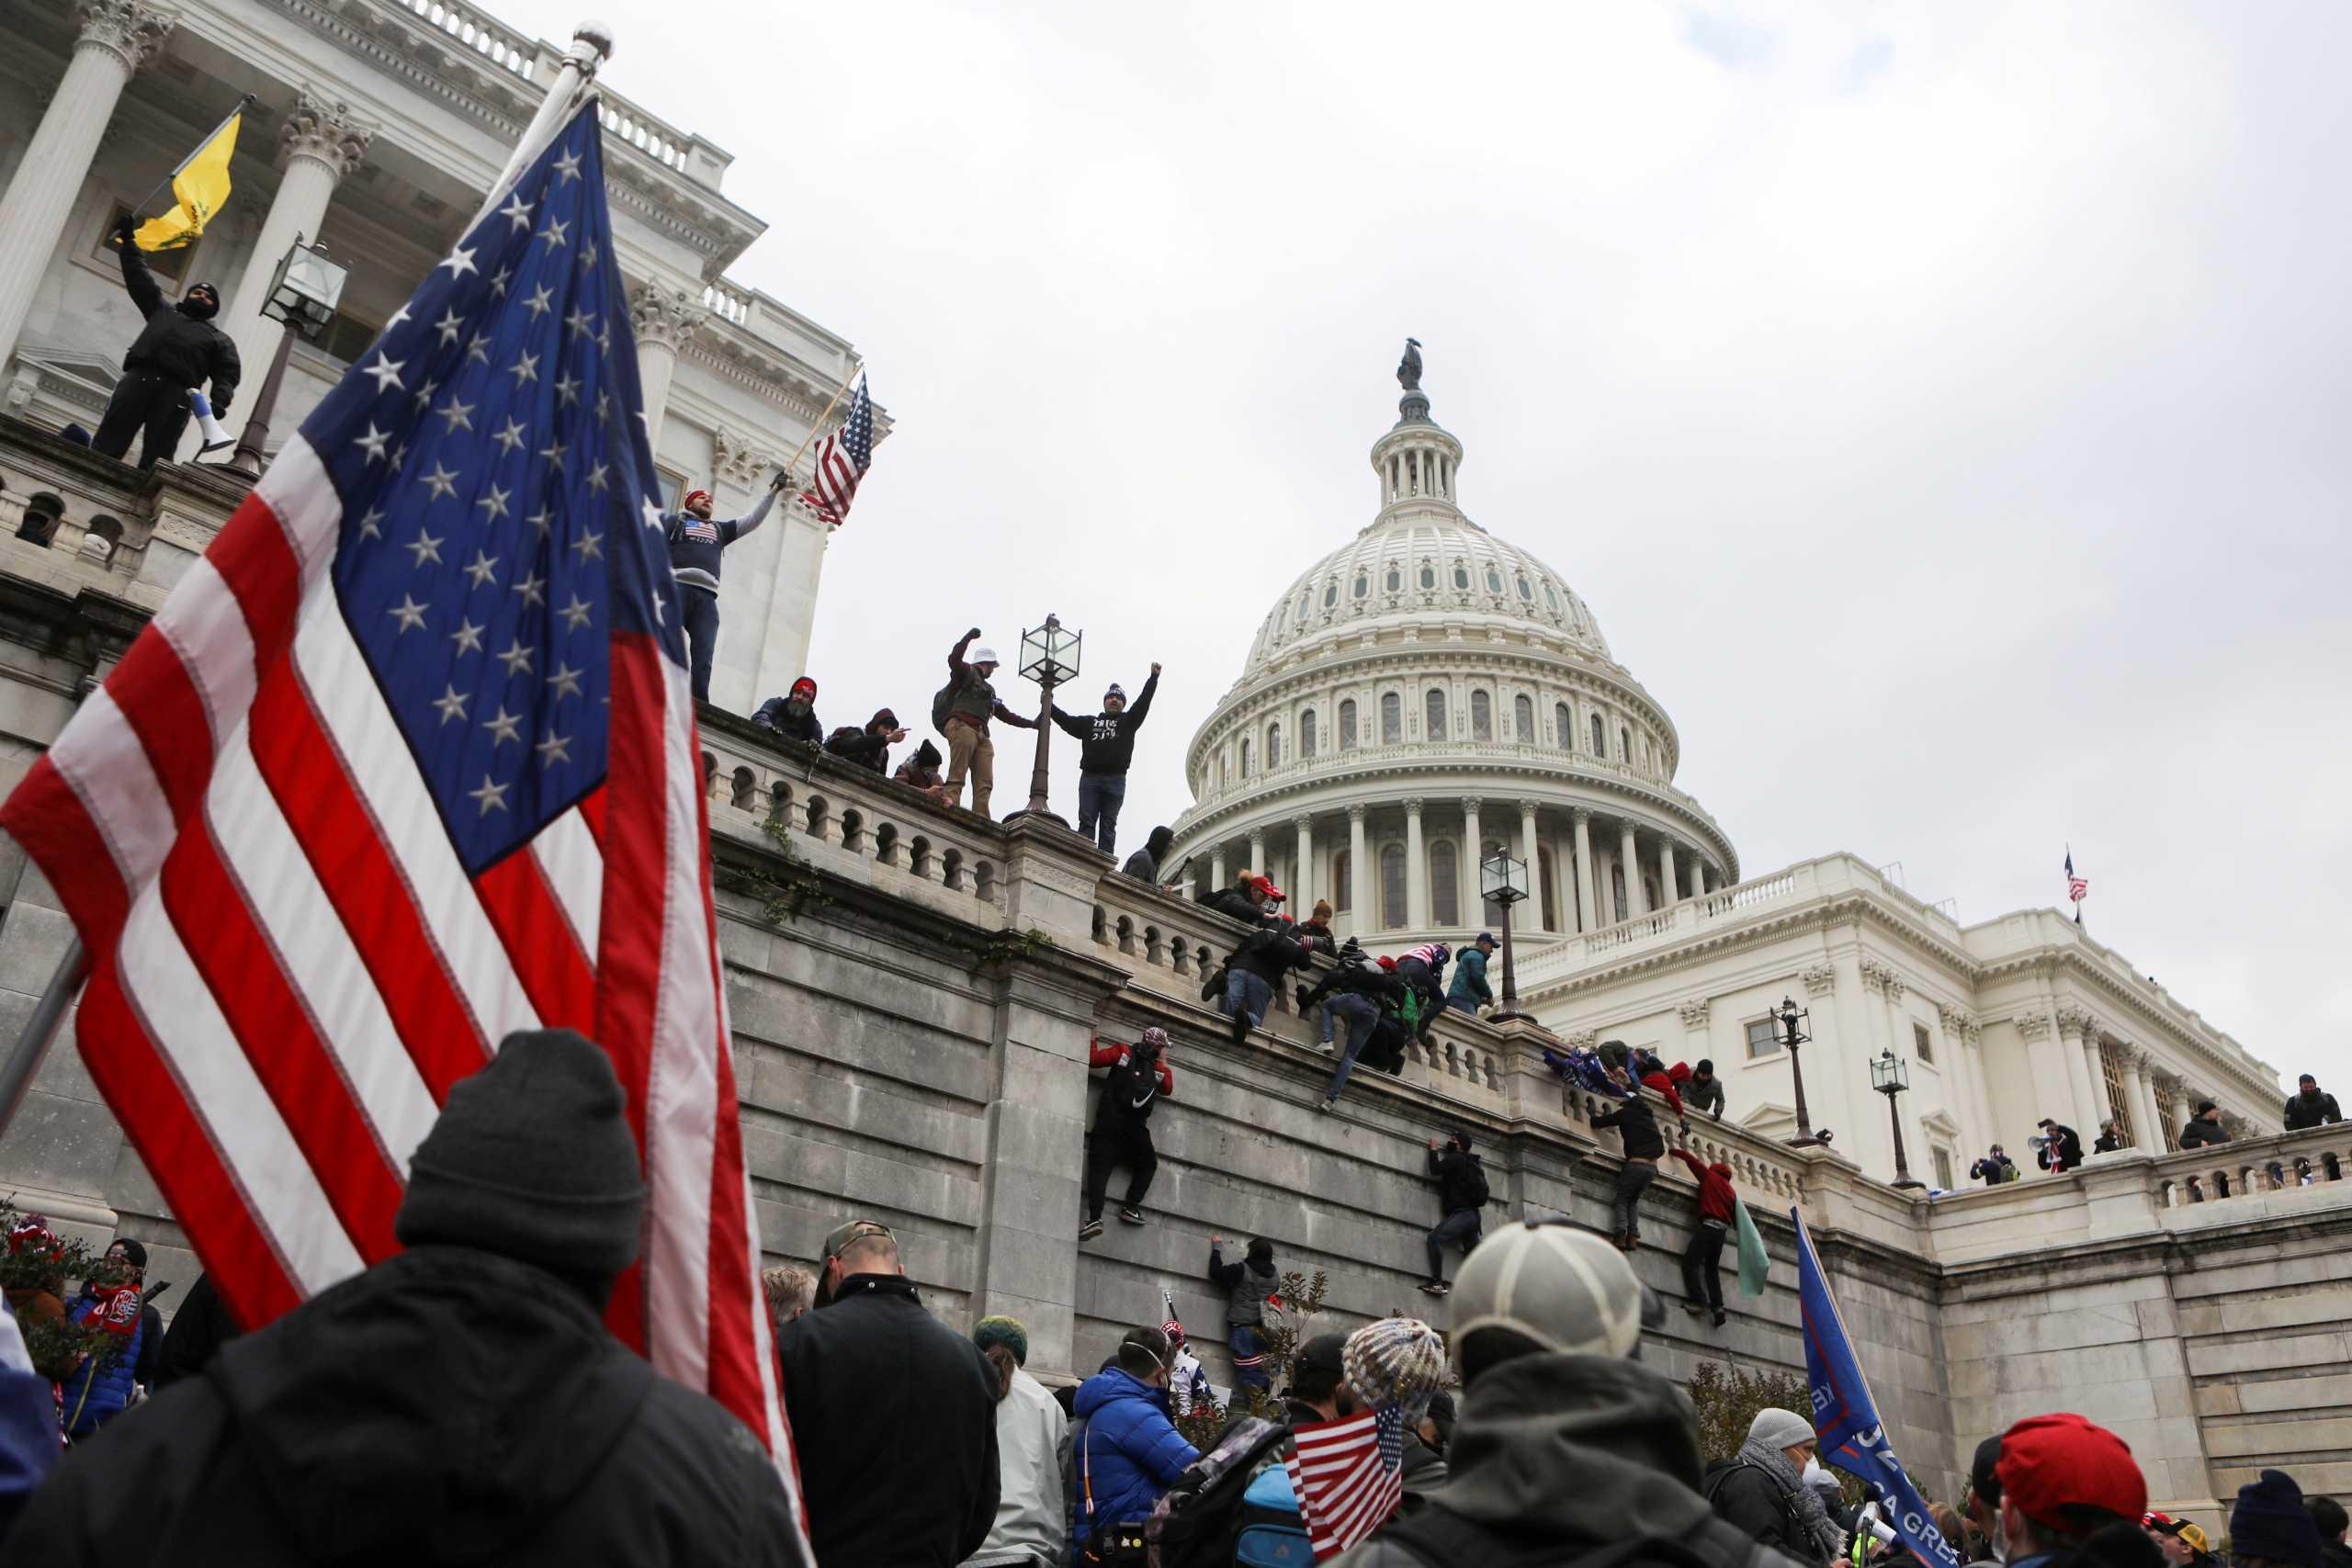 ΗΠΑ: Πάνω από 100 συλλήψεις για την εισβολή στο Καπιτώλιο από το FBI